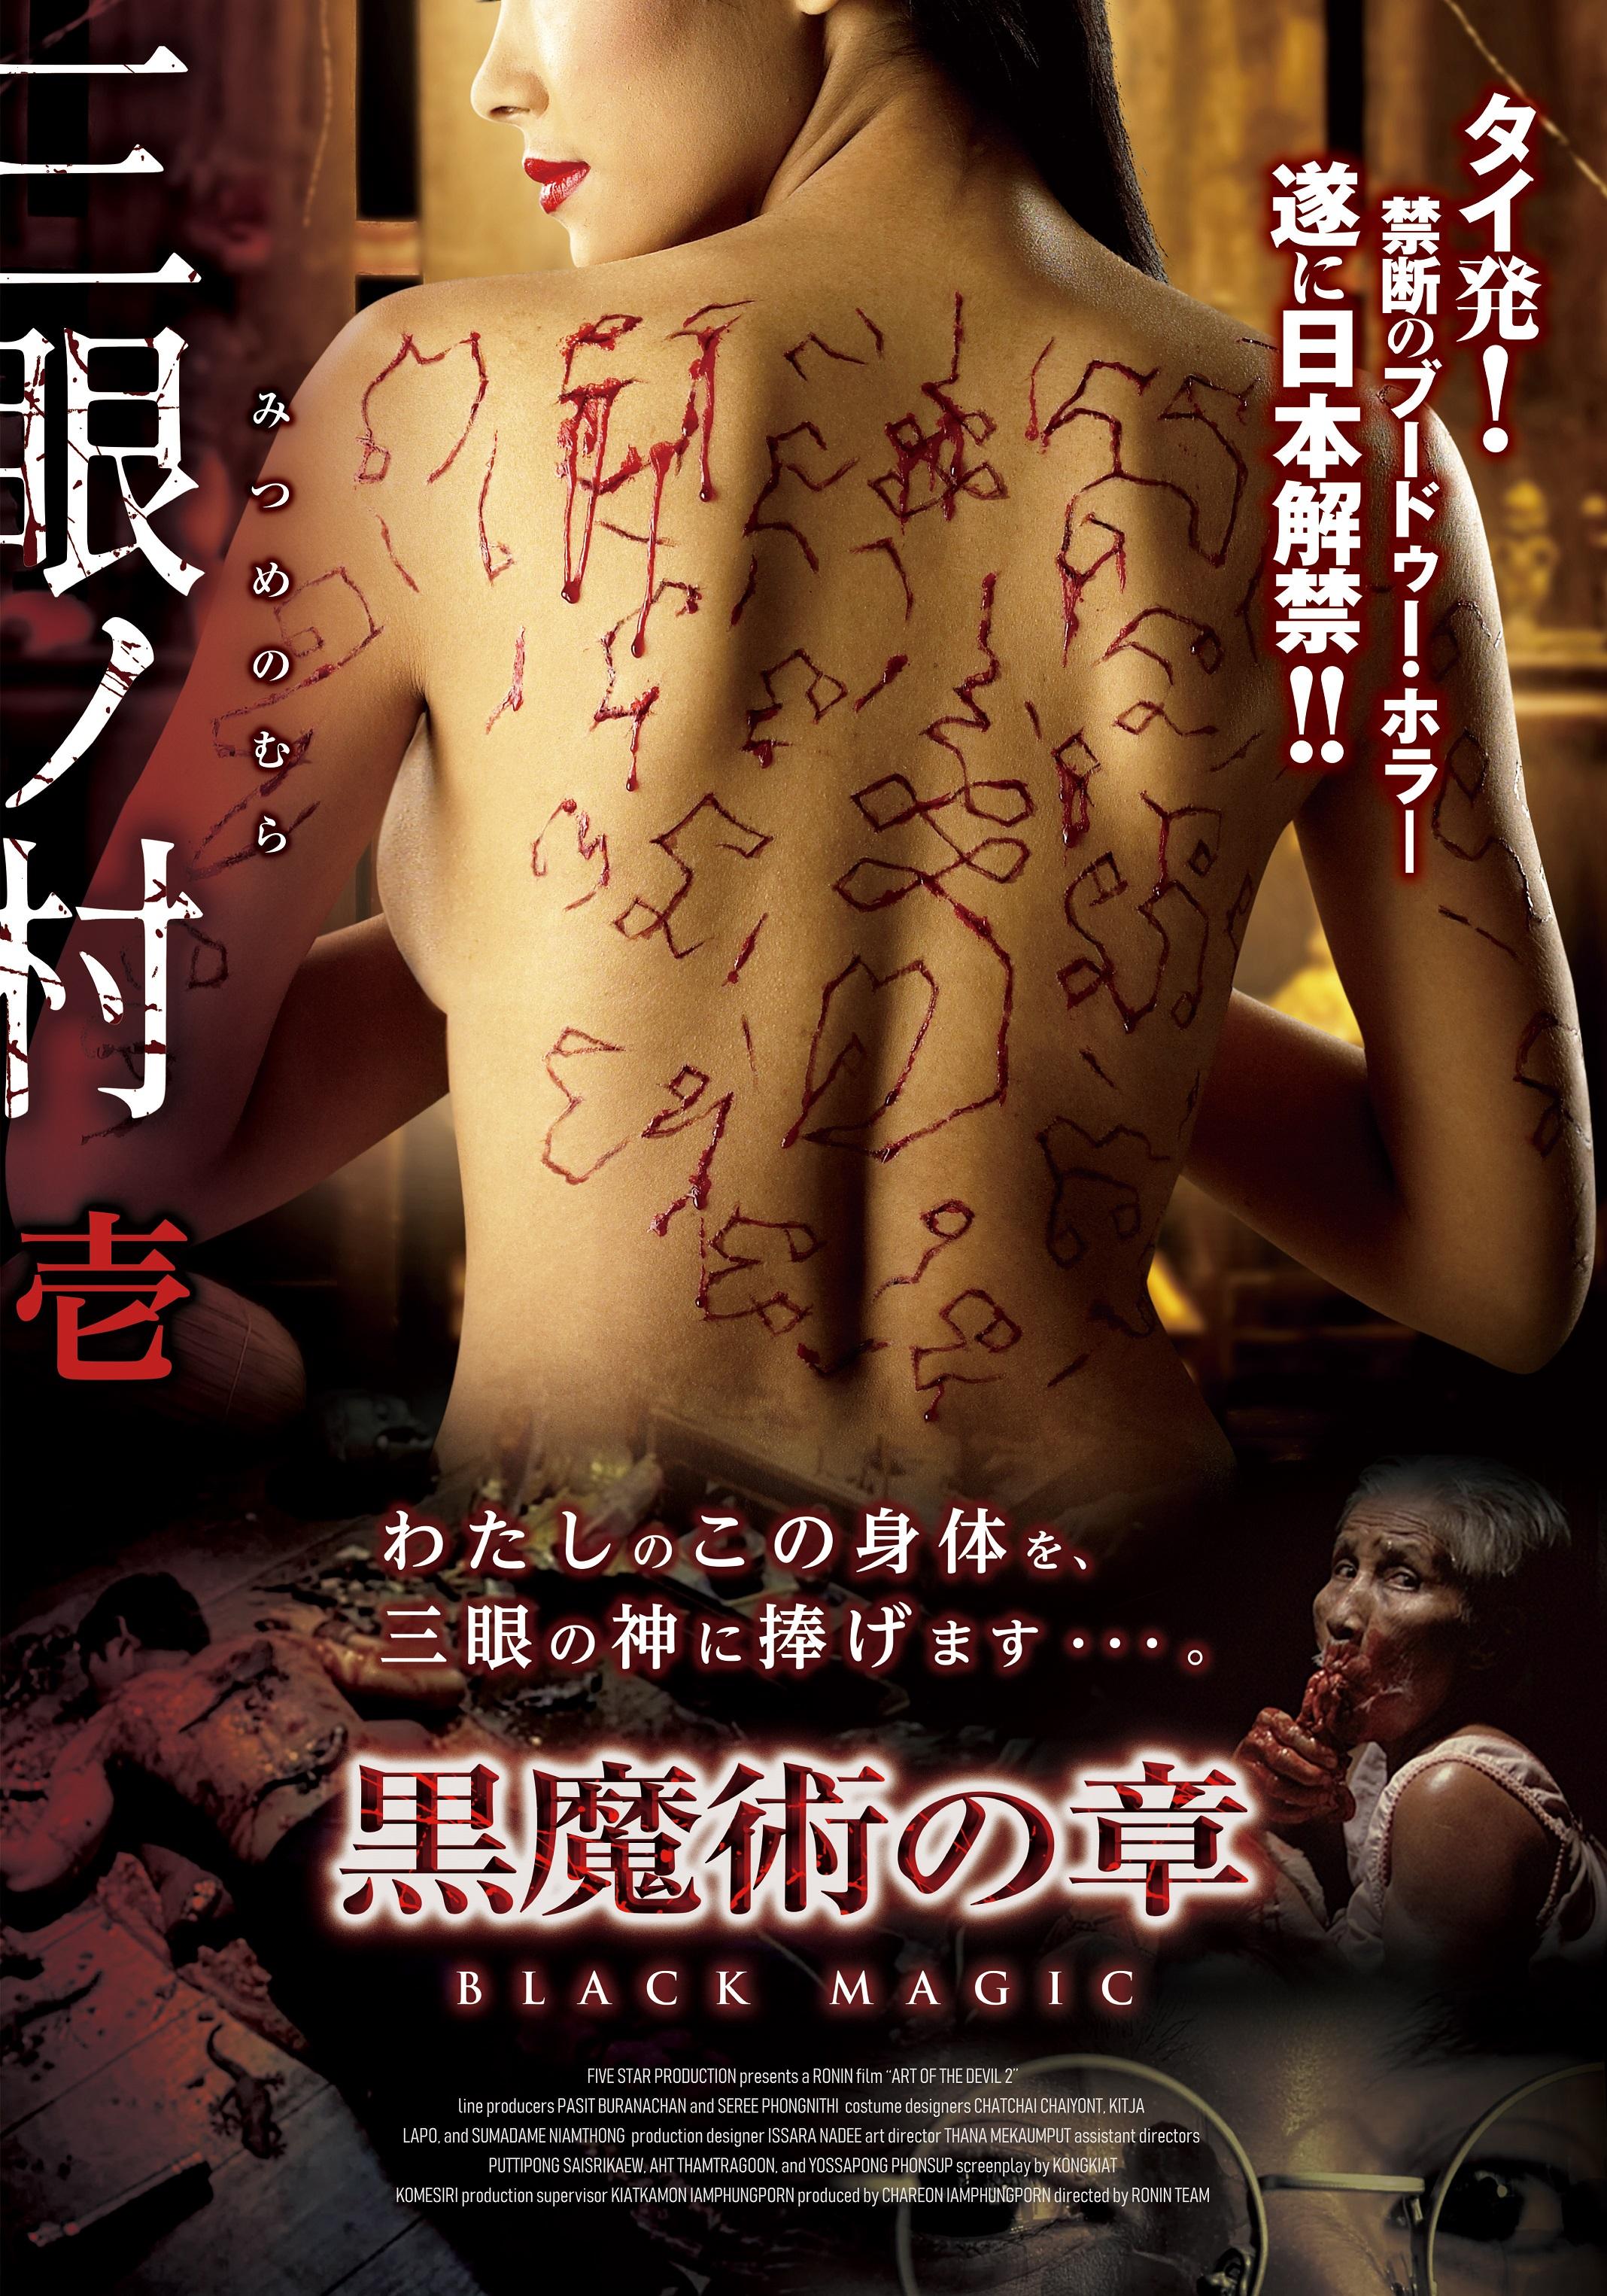 三眼ノ村(壱) 黒魔術の章